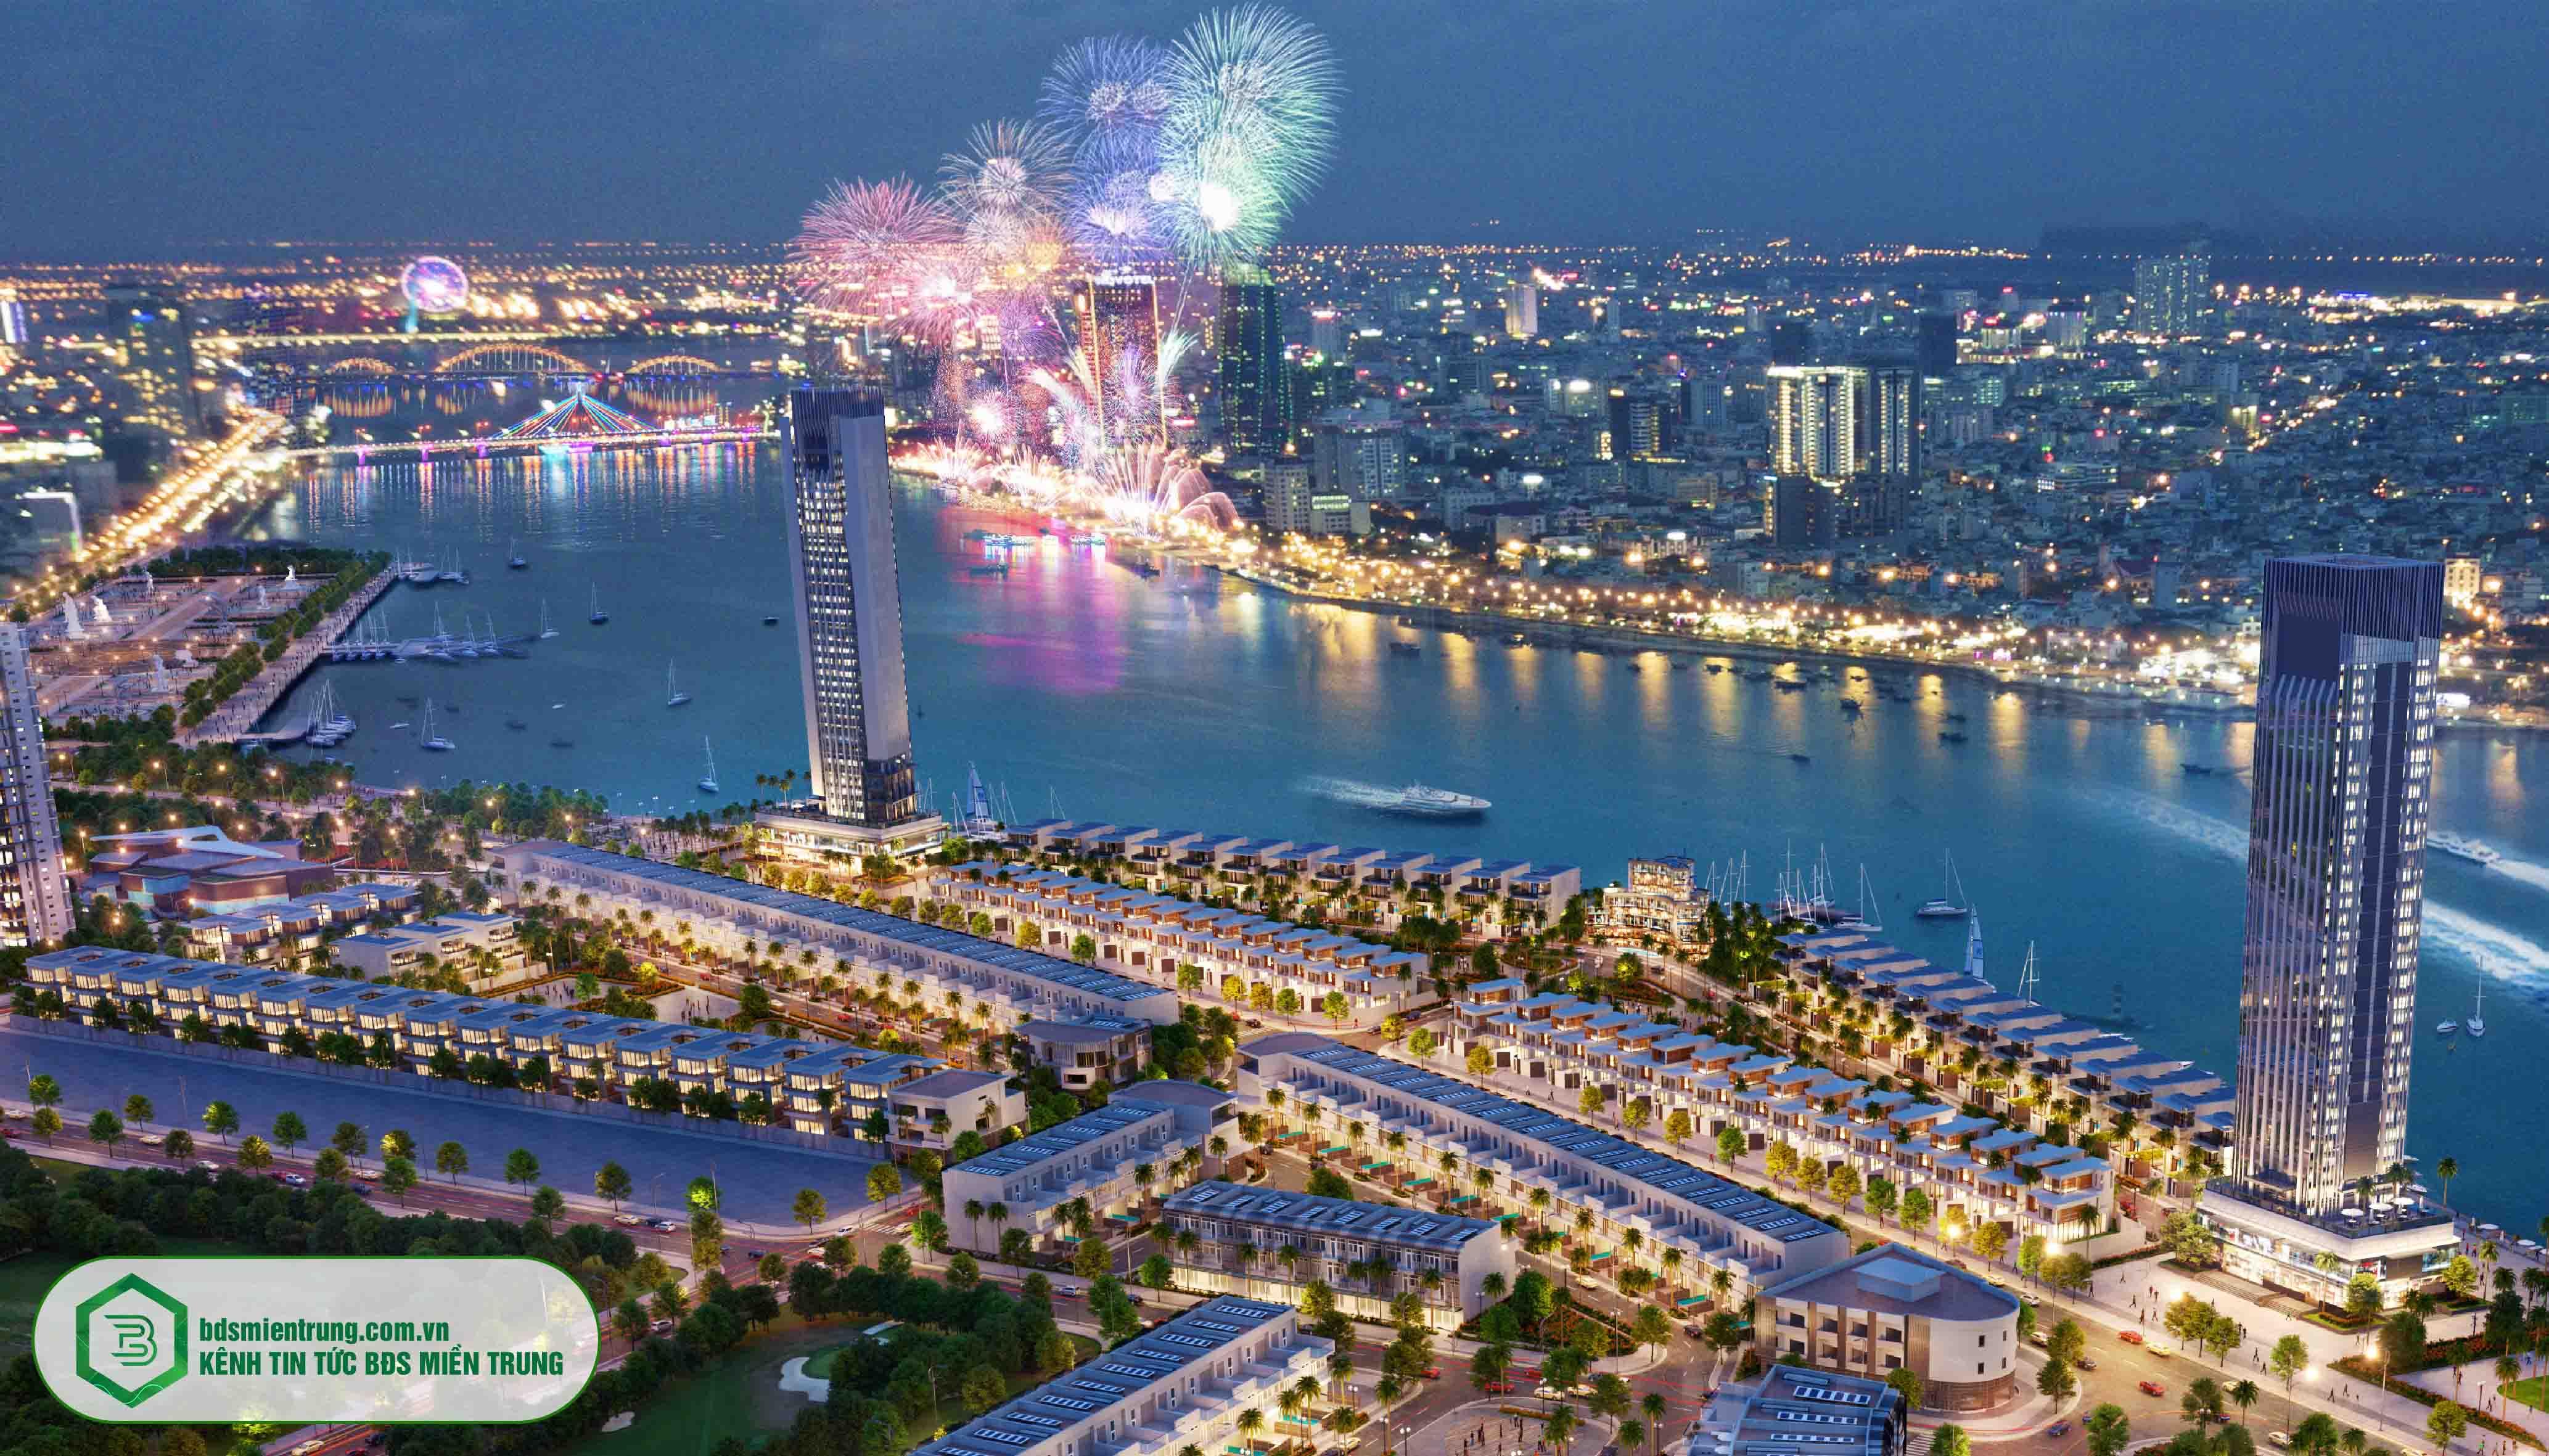 Phối-cảnh-dự-án-Marina-Complex-City-Đà-Nẵng